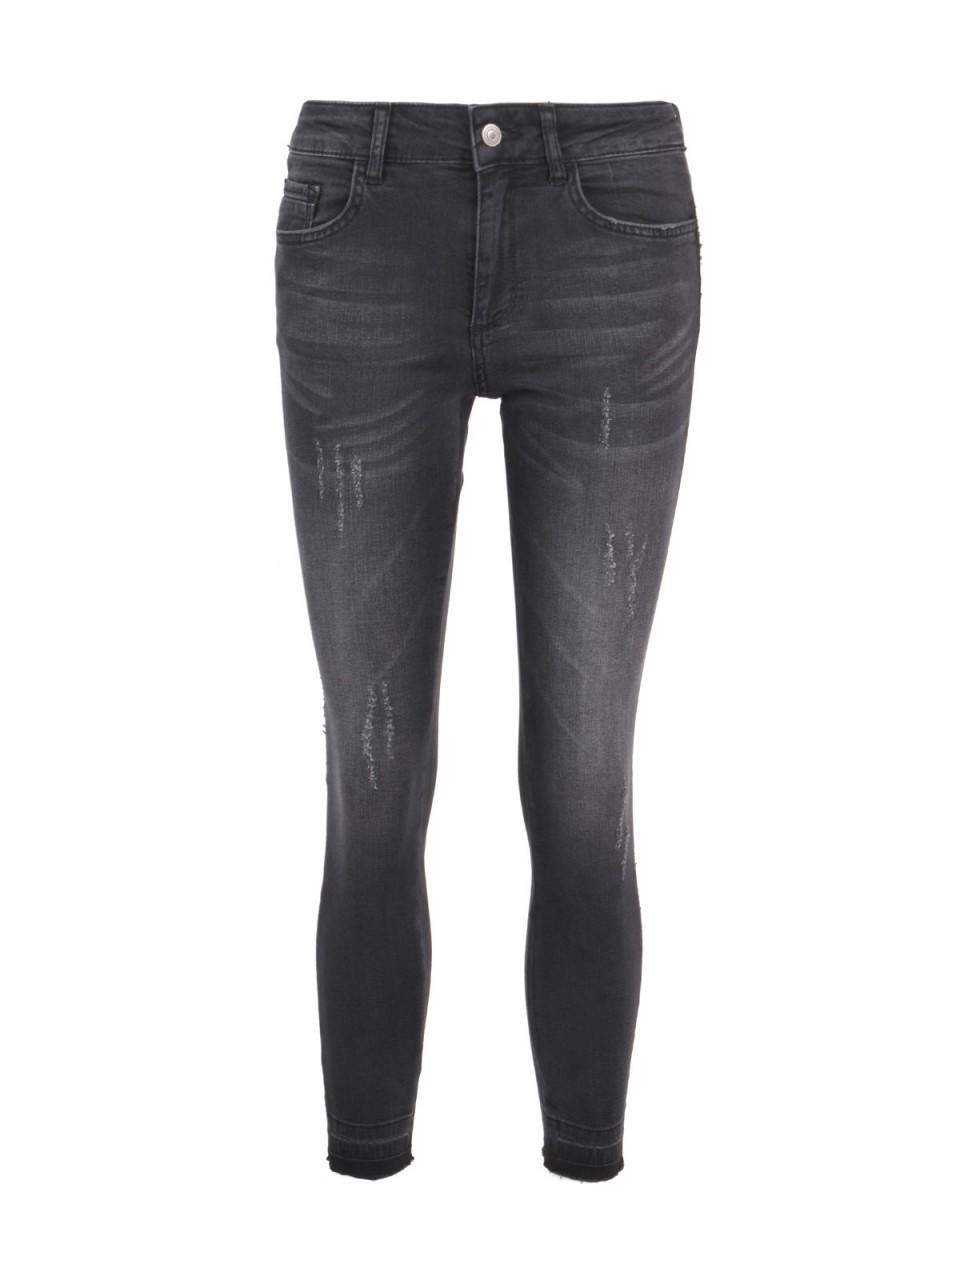 smith-amp-soul-damen-jeans-grau